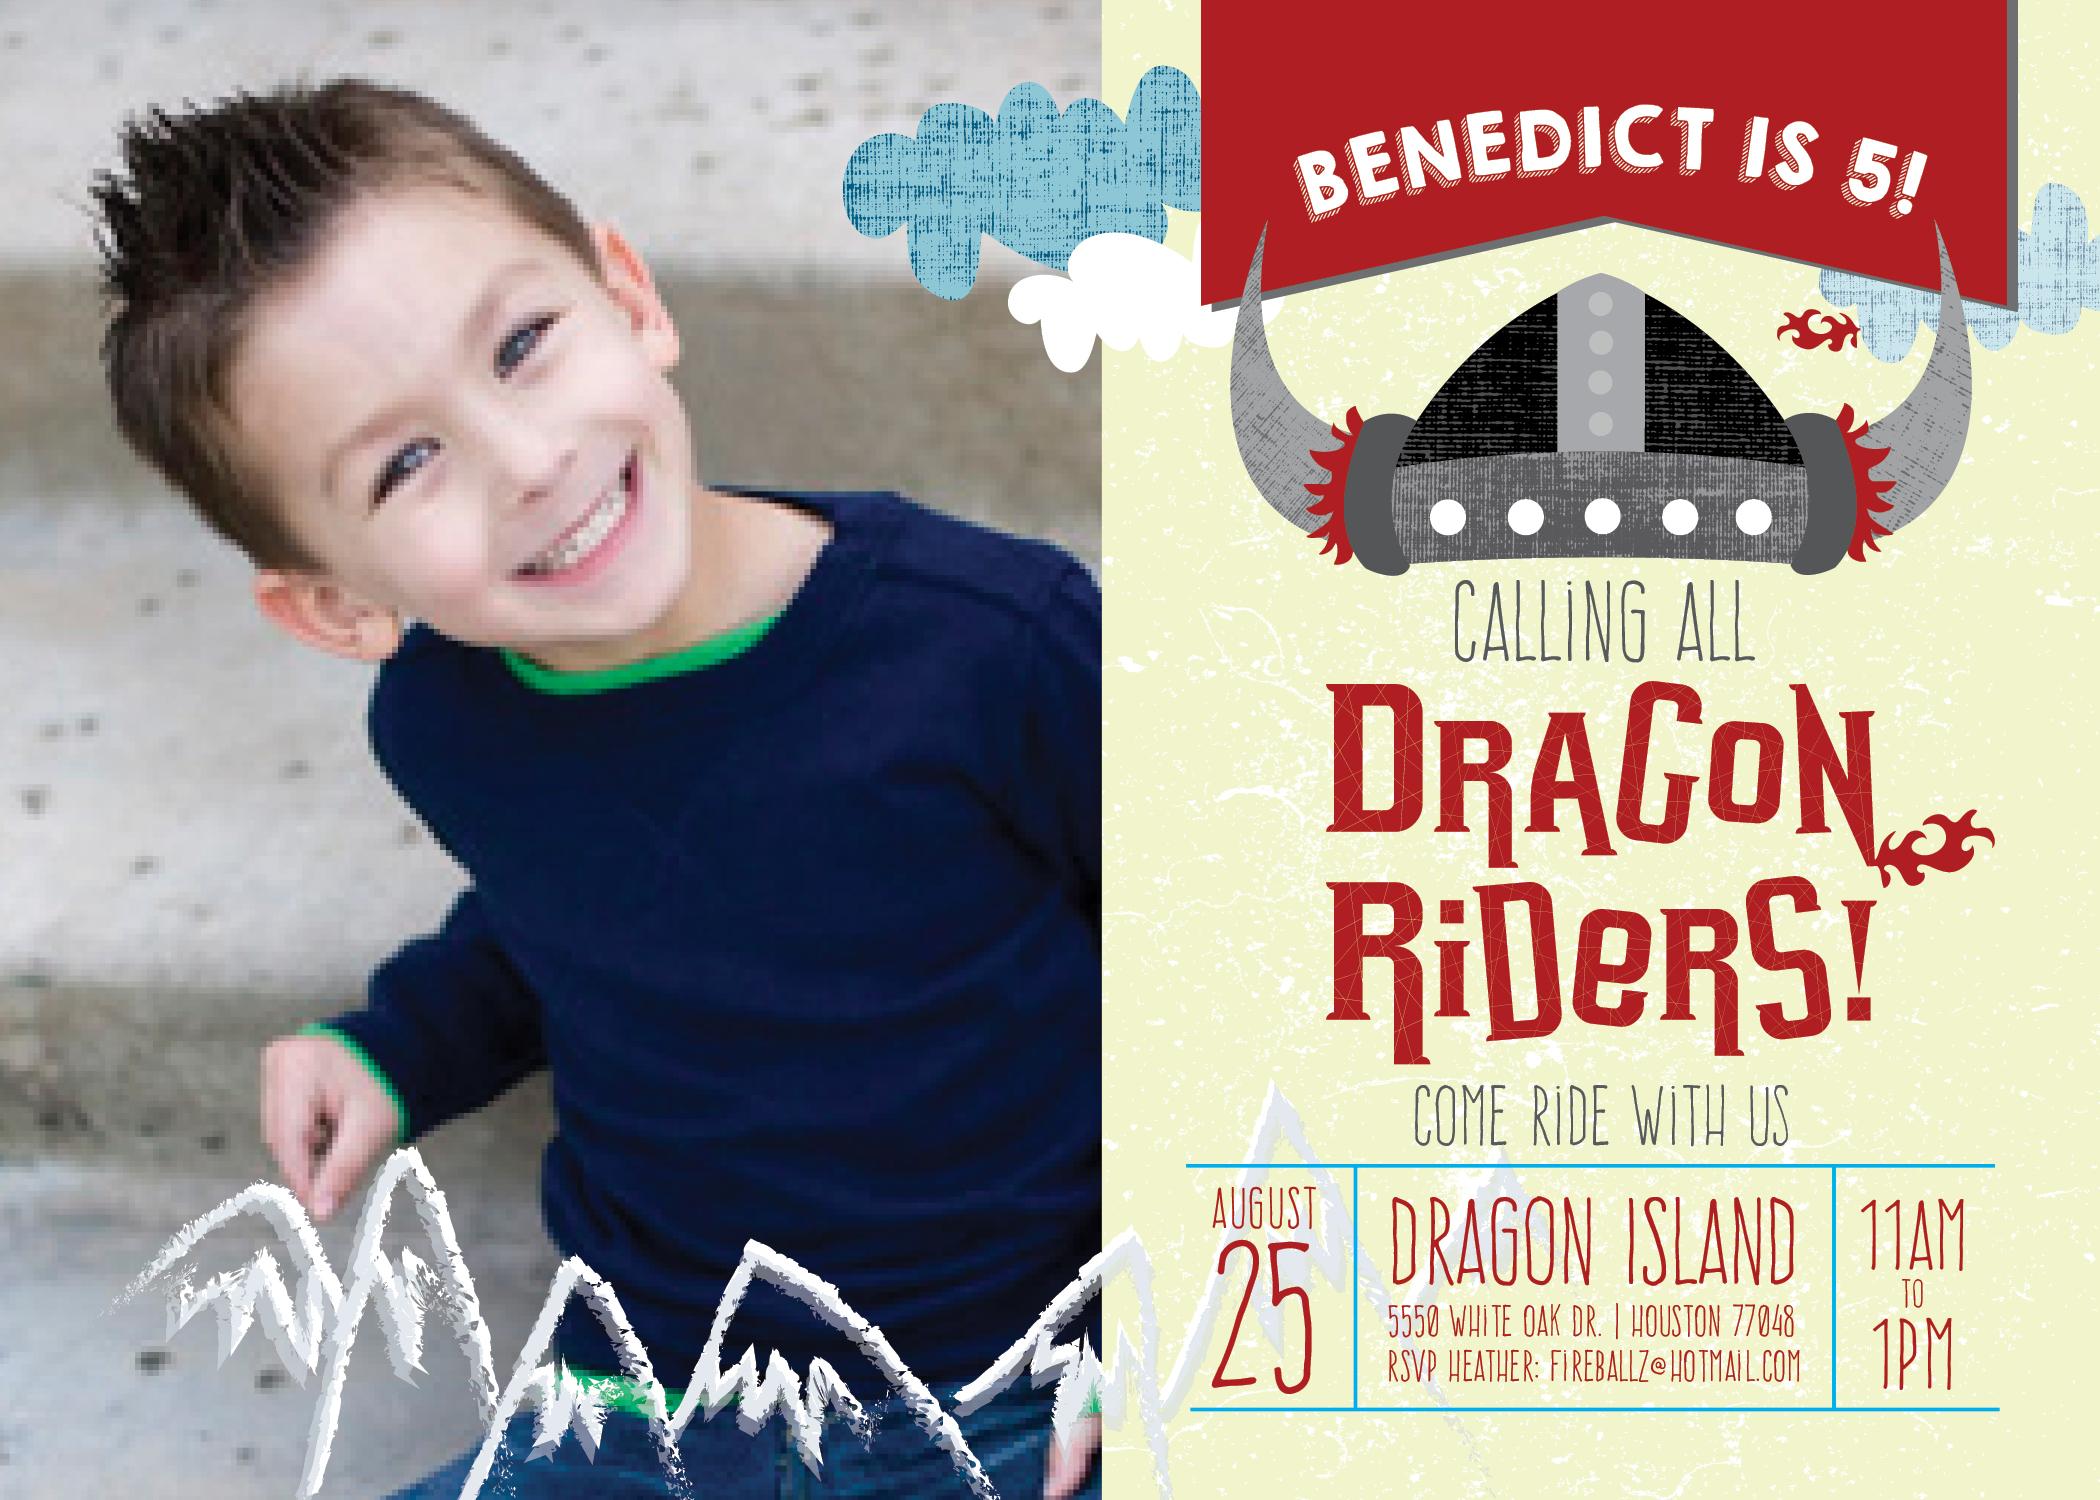 DragonRider Selfie Kids' Birthday